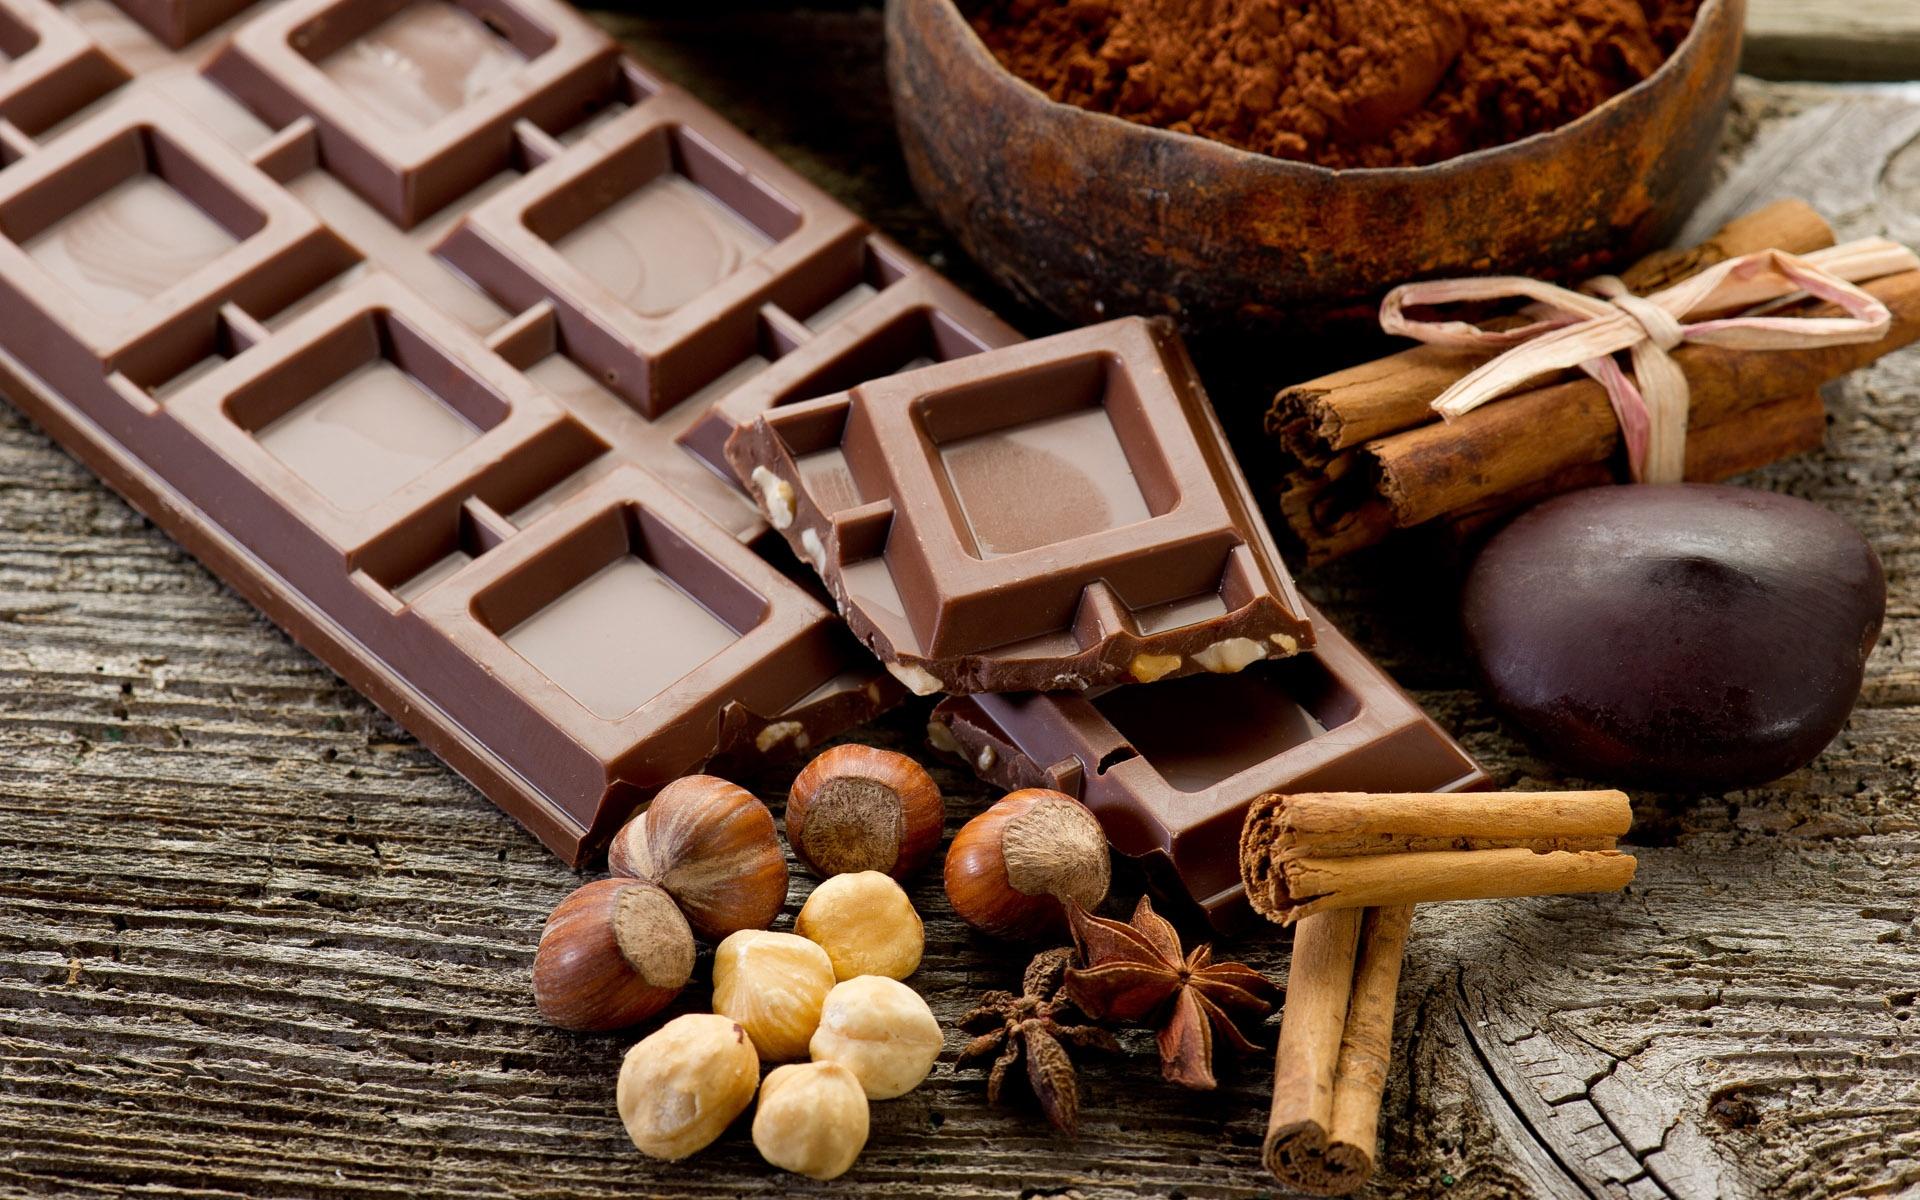 チョコレートで命を落とすことも!?実は怖いチョコレートアレルギーのサムネイル画像